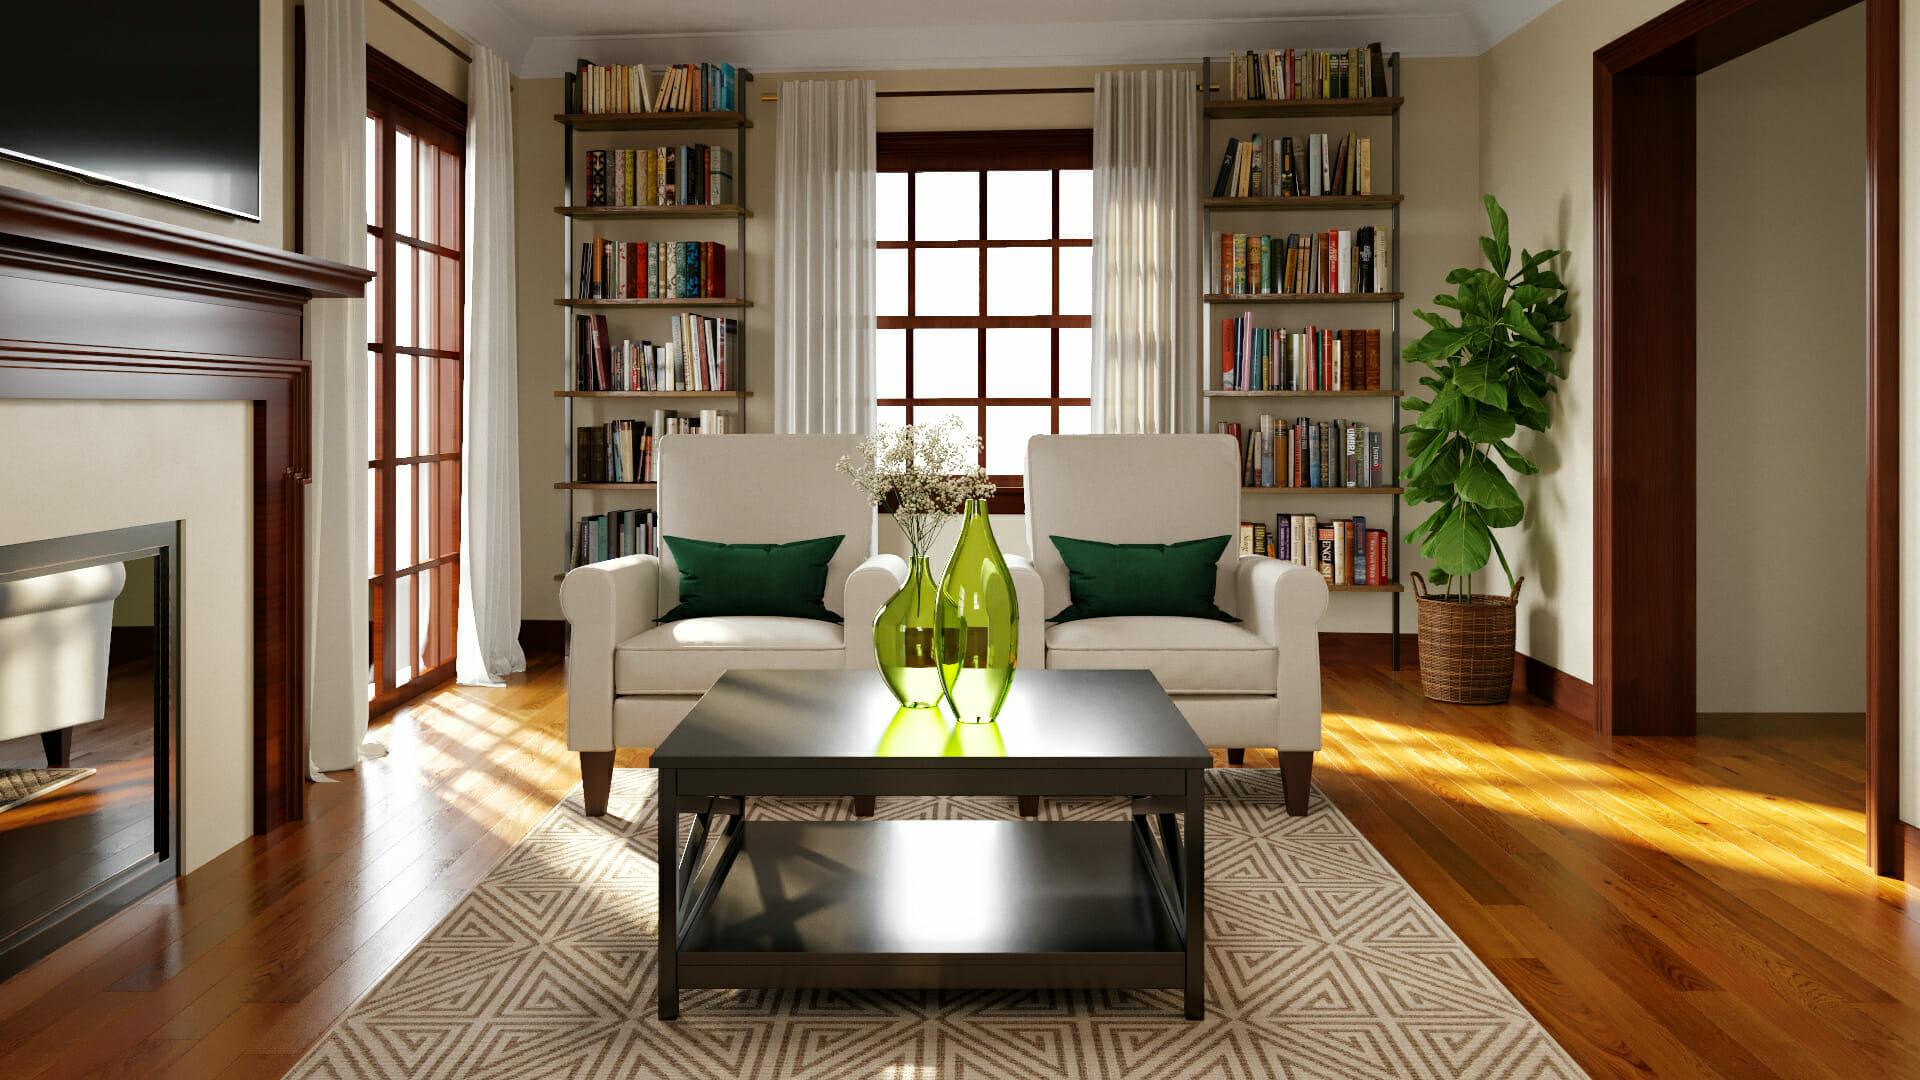 living room remodel decorilla designer sara m